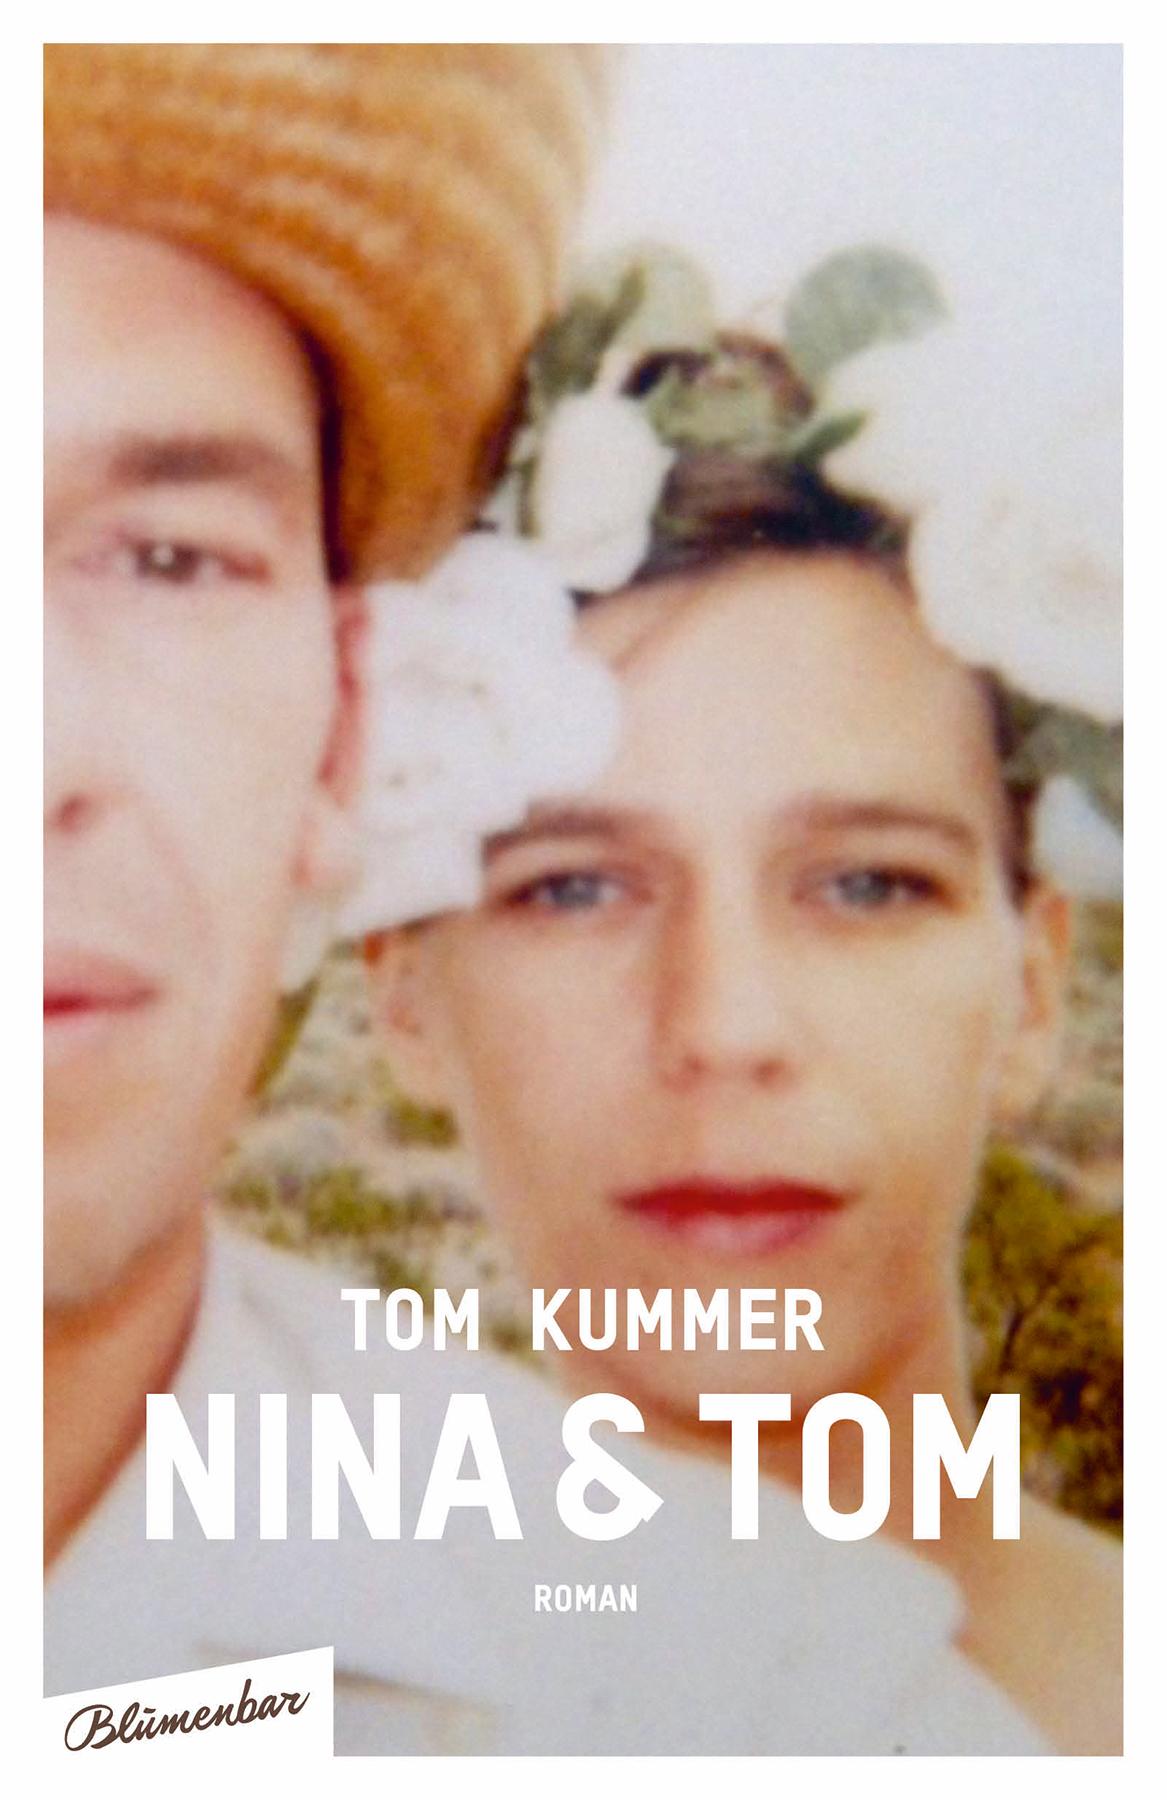 Tom Kummer: «Nina & Tom»